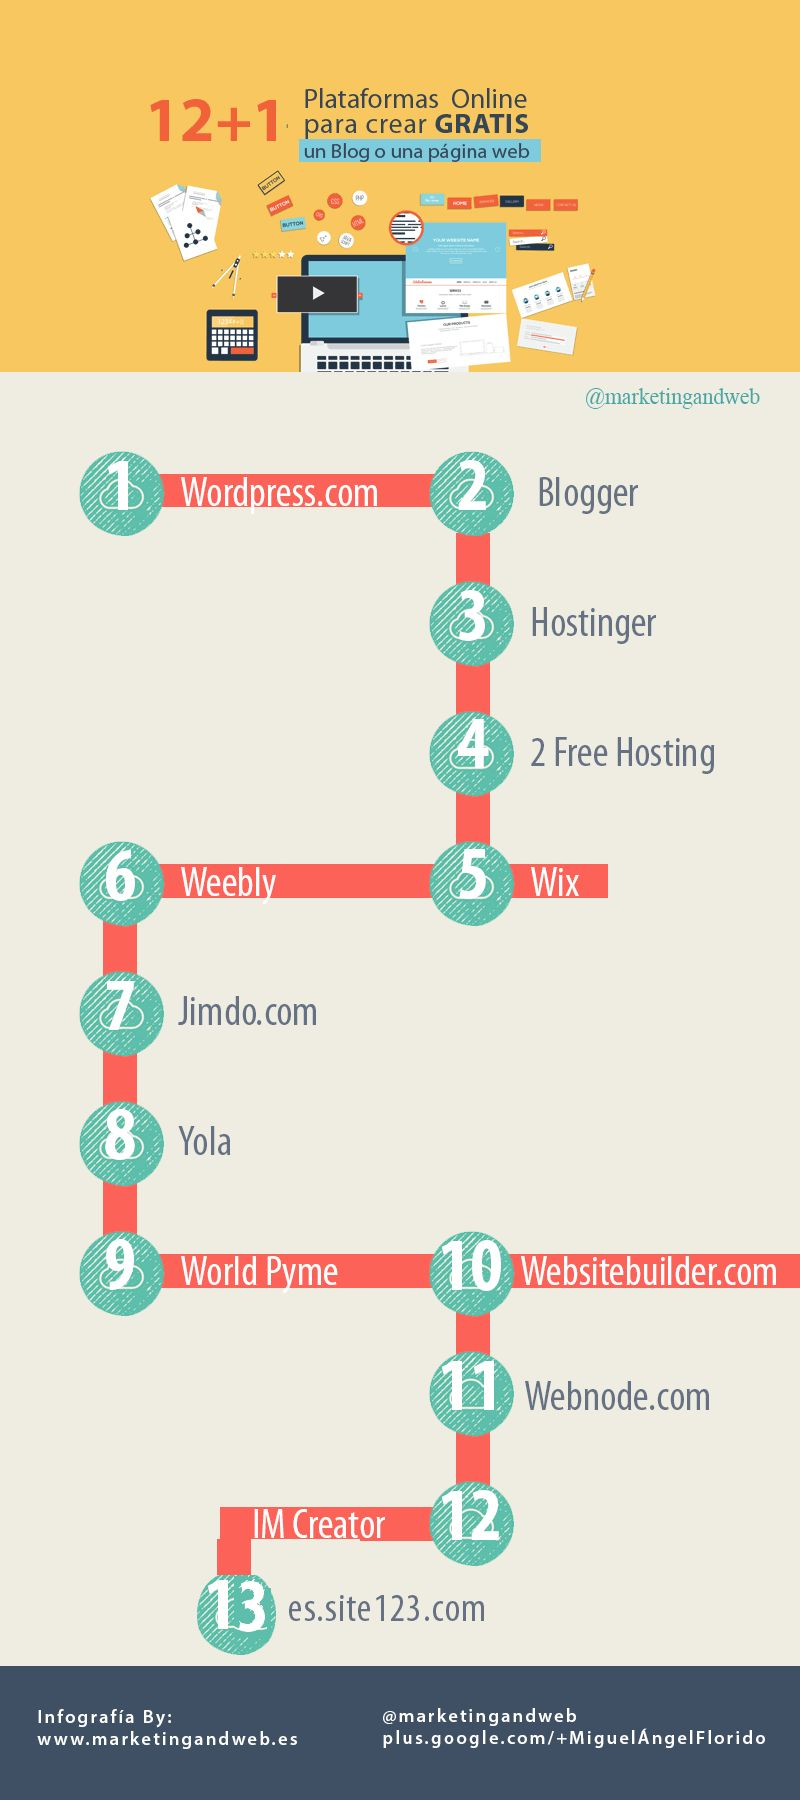 13 servicios para crear gratis un Blog o página web